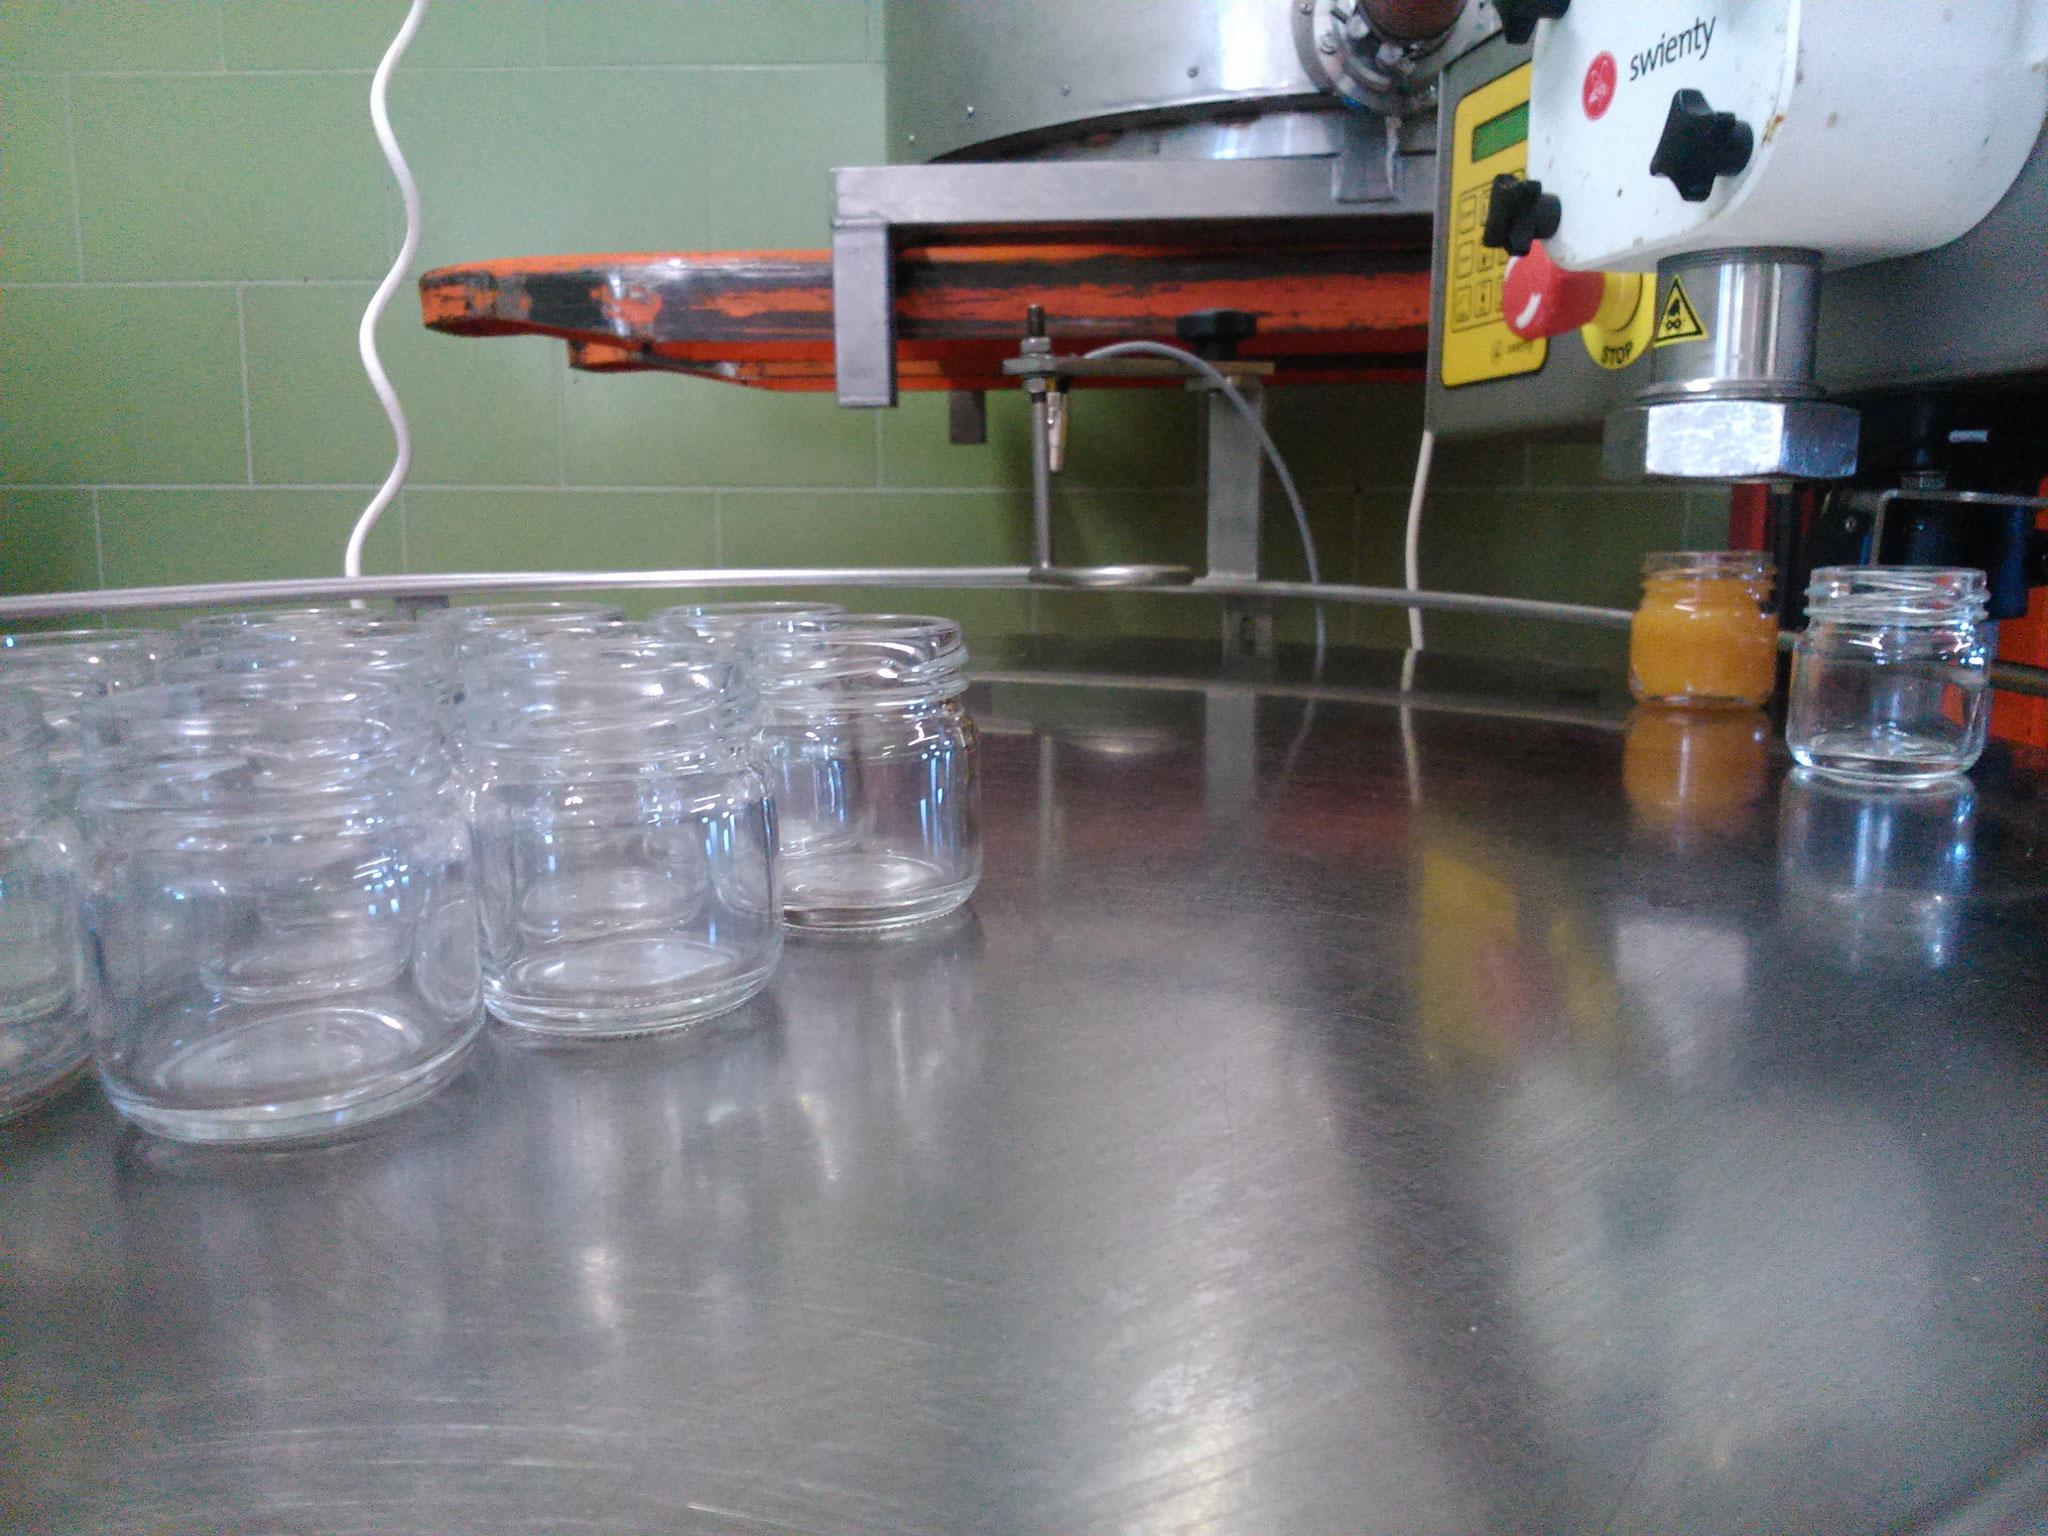 Die Abfüllmaschine in Aktion, der Tisch transportiert die Gläser automatisch weiter...